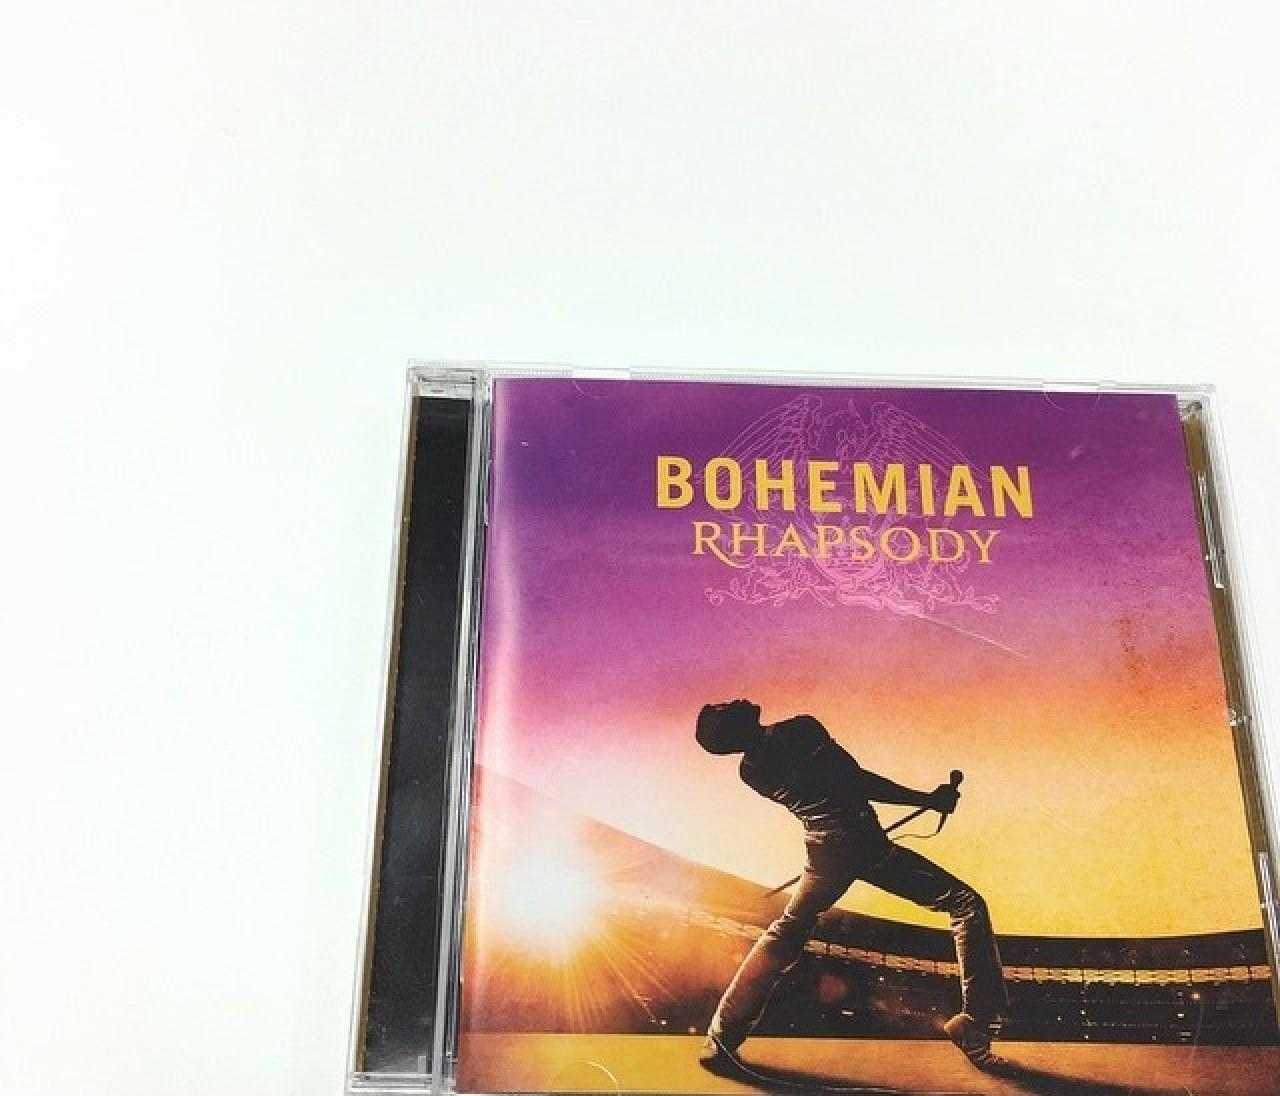 映画も音楽も最高! 話題の「ボヘミアン ラプソディ」へ。